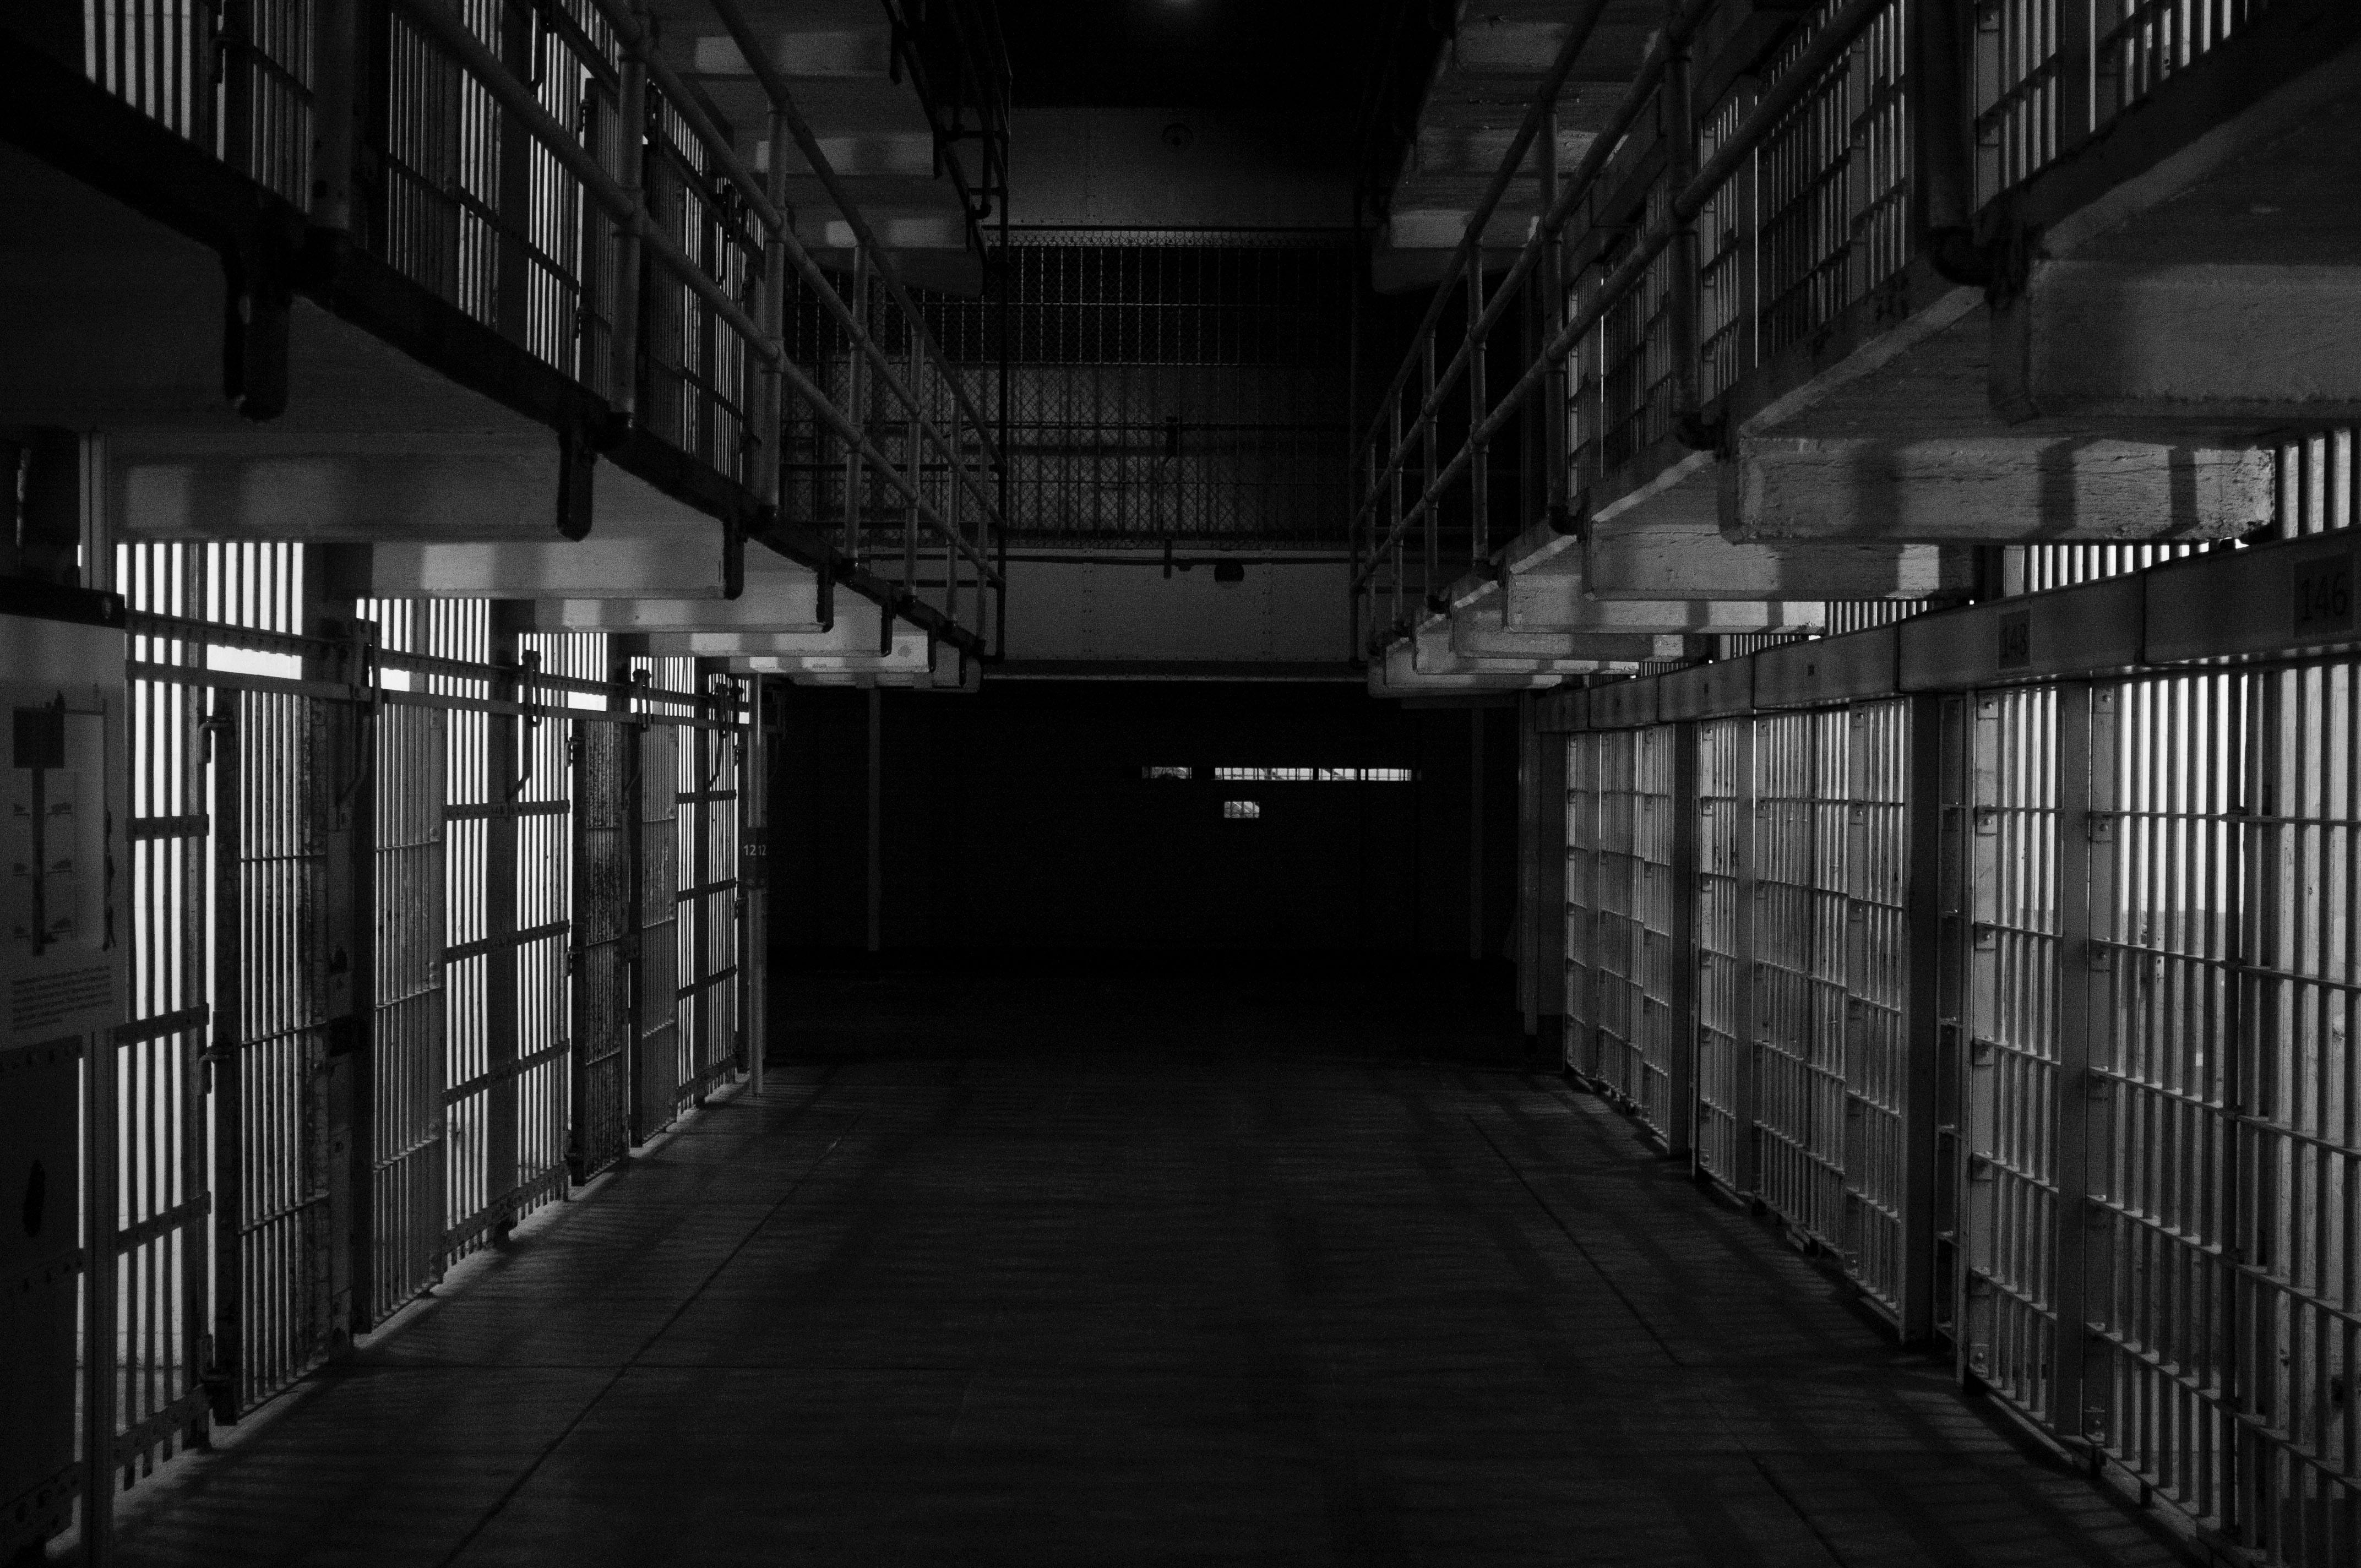 empty jail